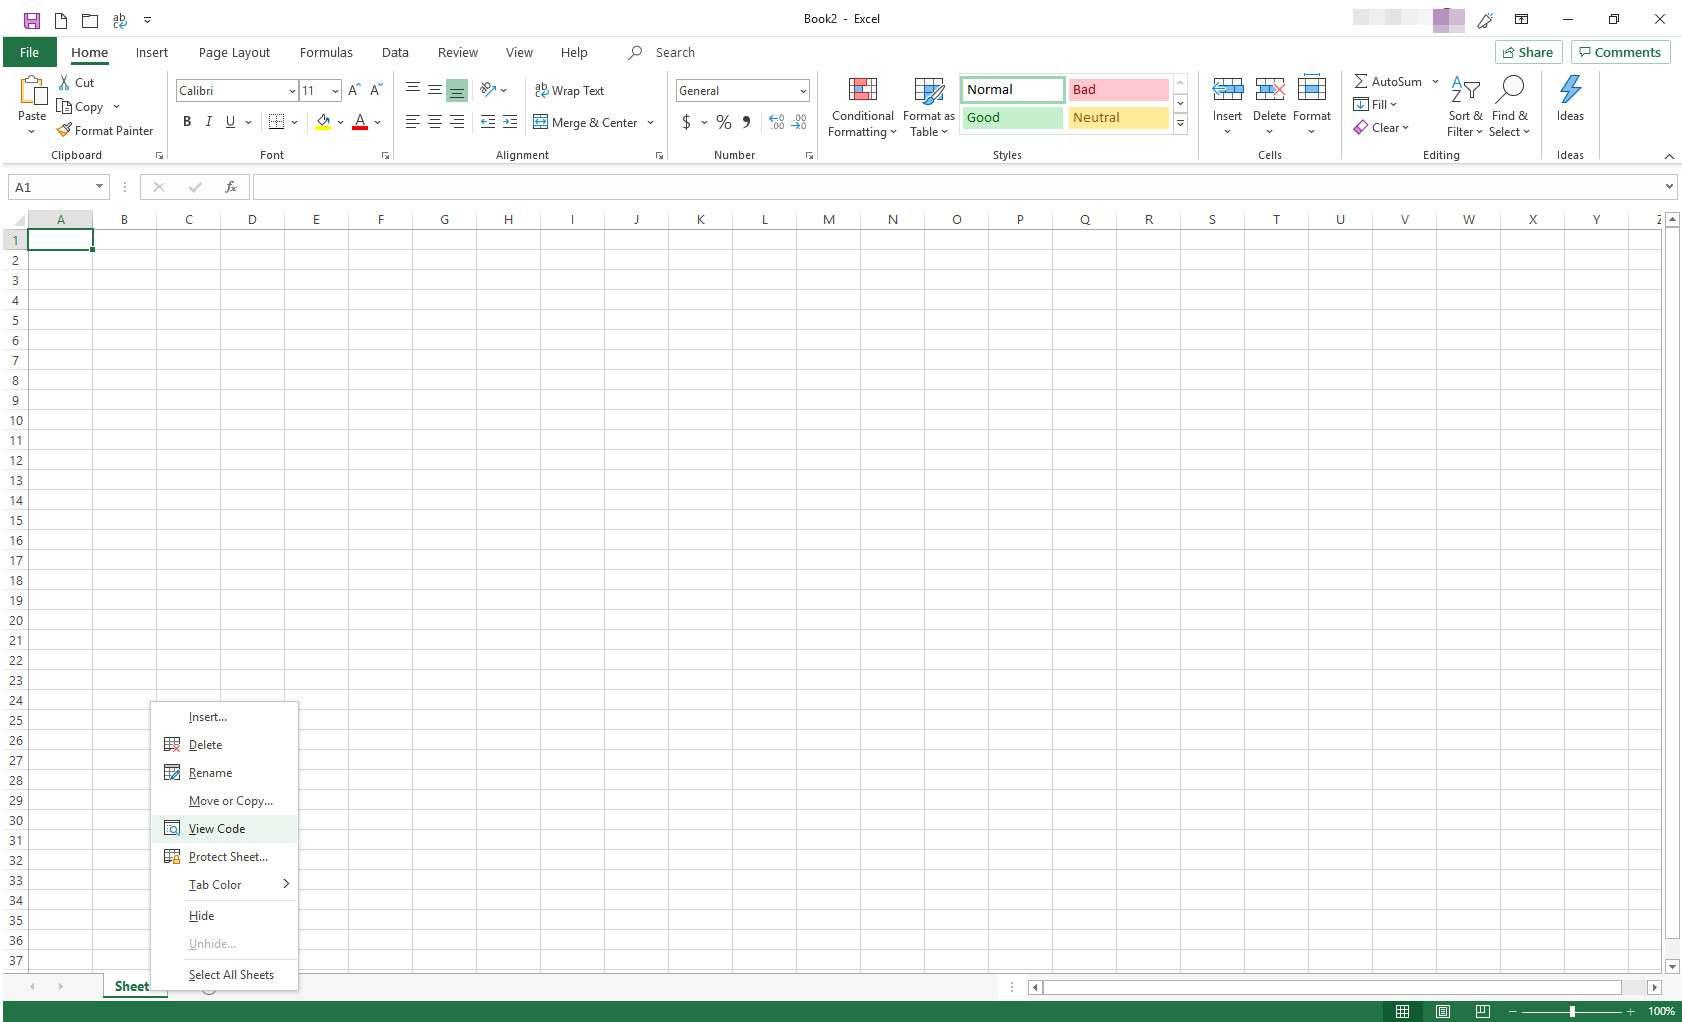 Excel with tab menu displayed